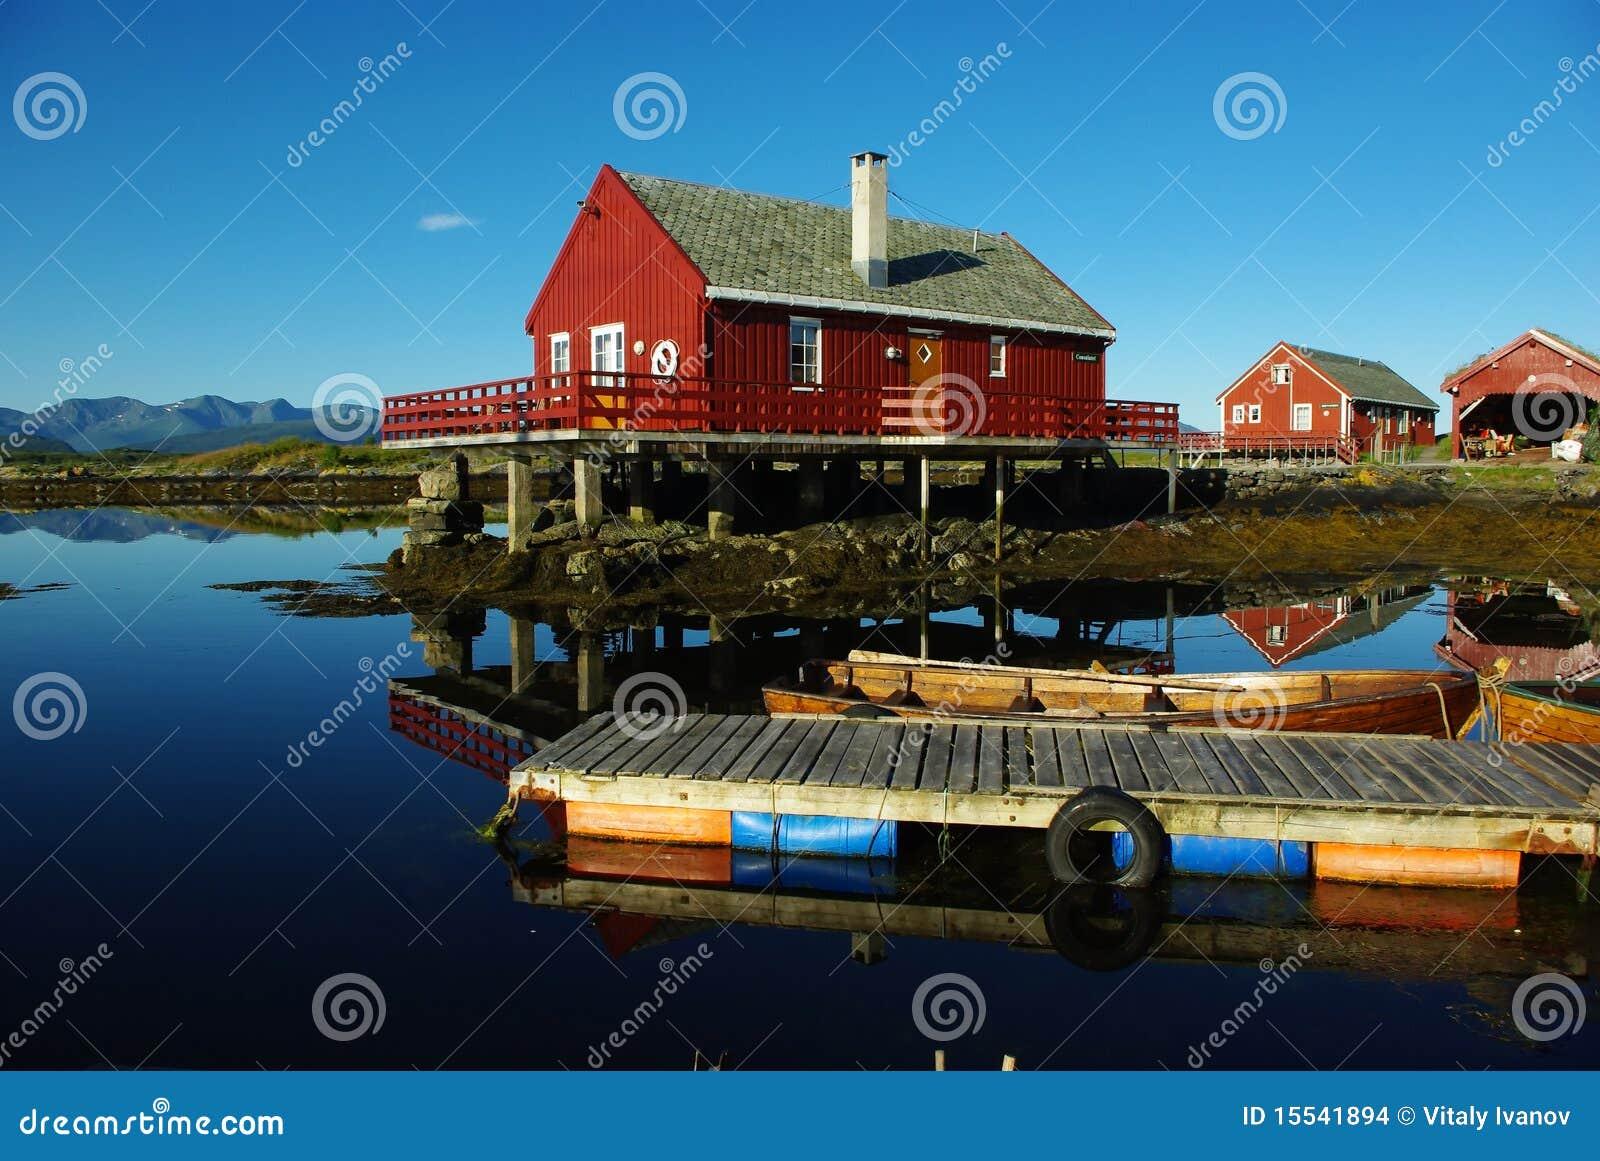 Casas en el mar imagenes de archivo imagen 15541894 - Casas en el mar ...